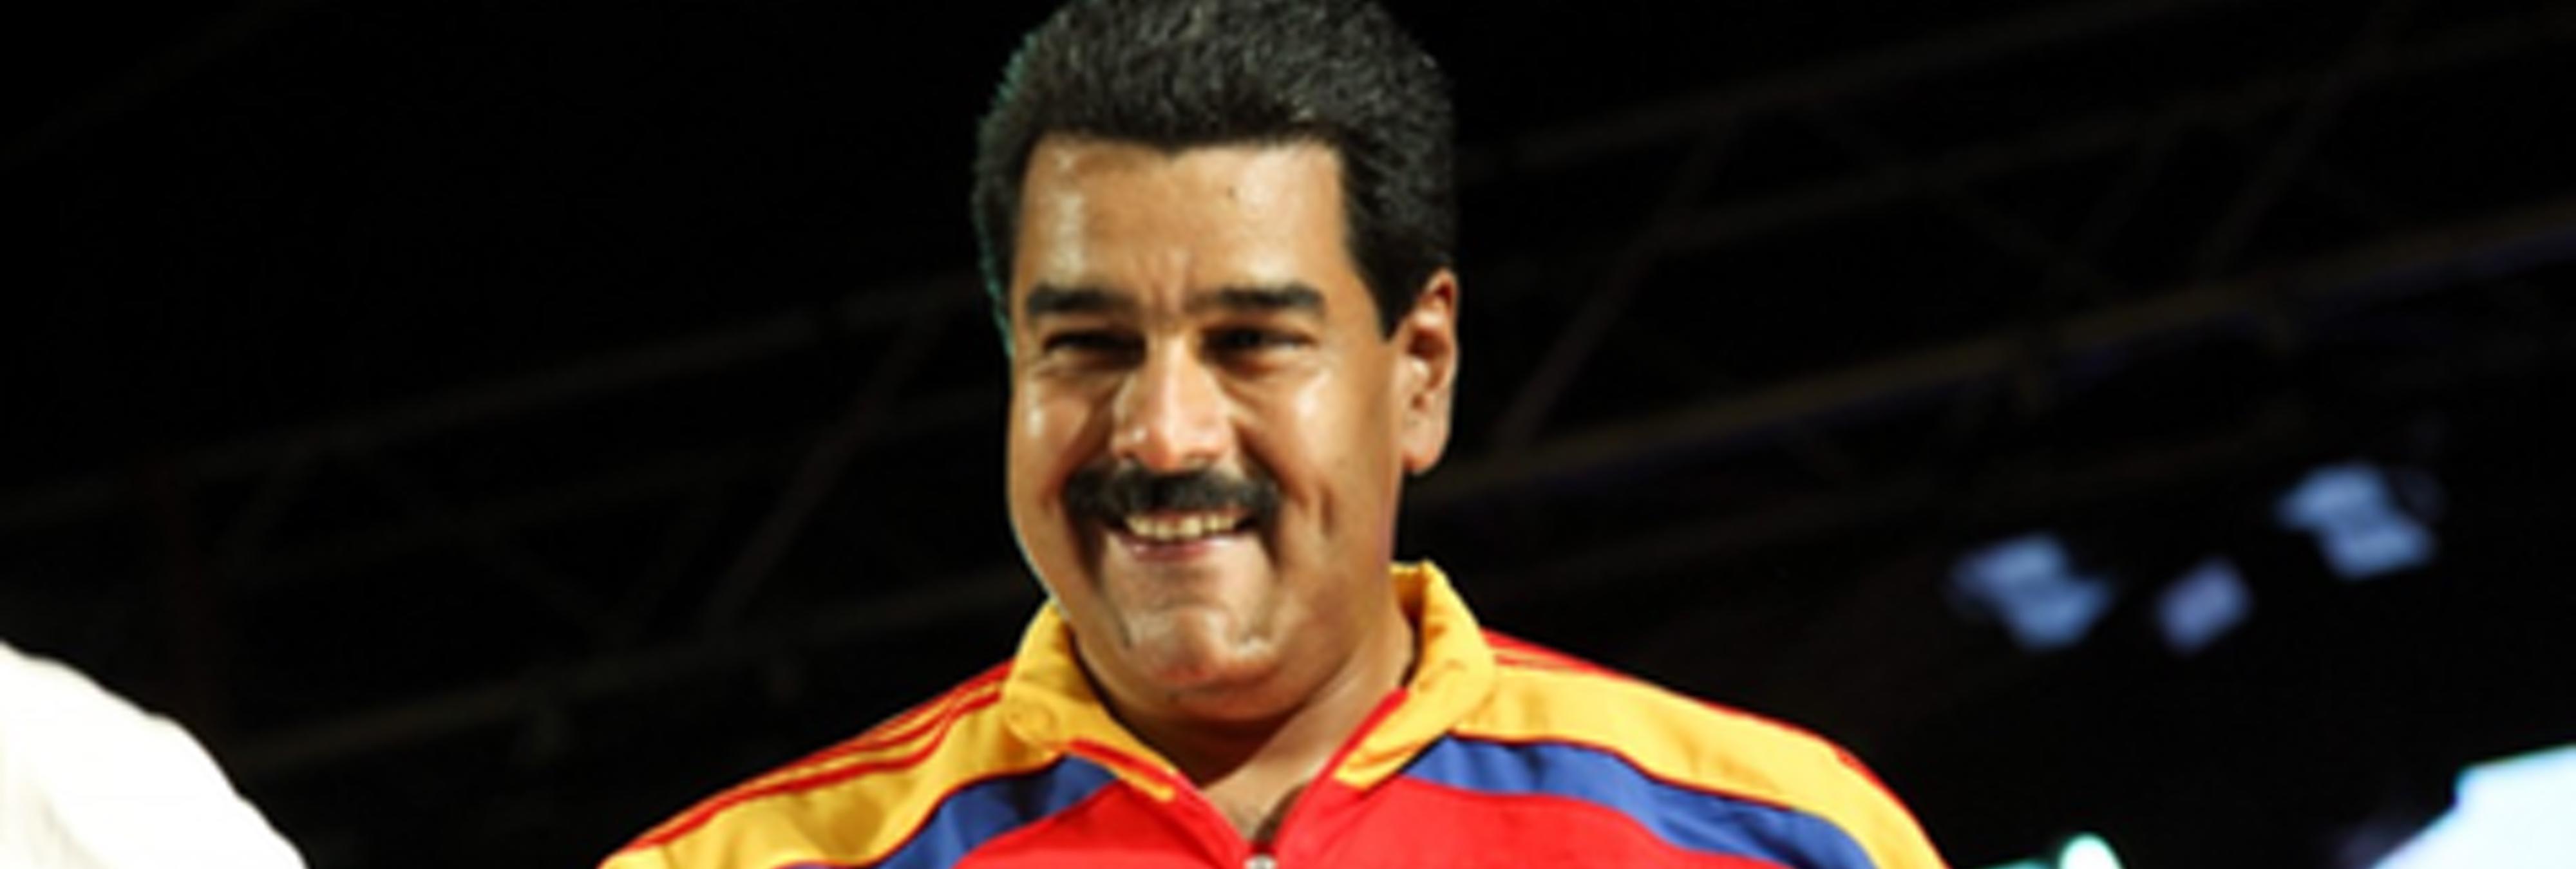 Maduro versiona 'Despacito' para llamar al voto y sus autores estallan